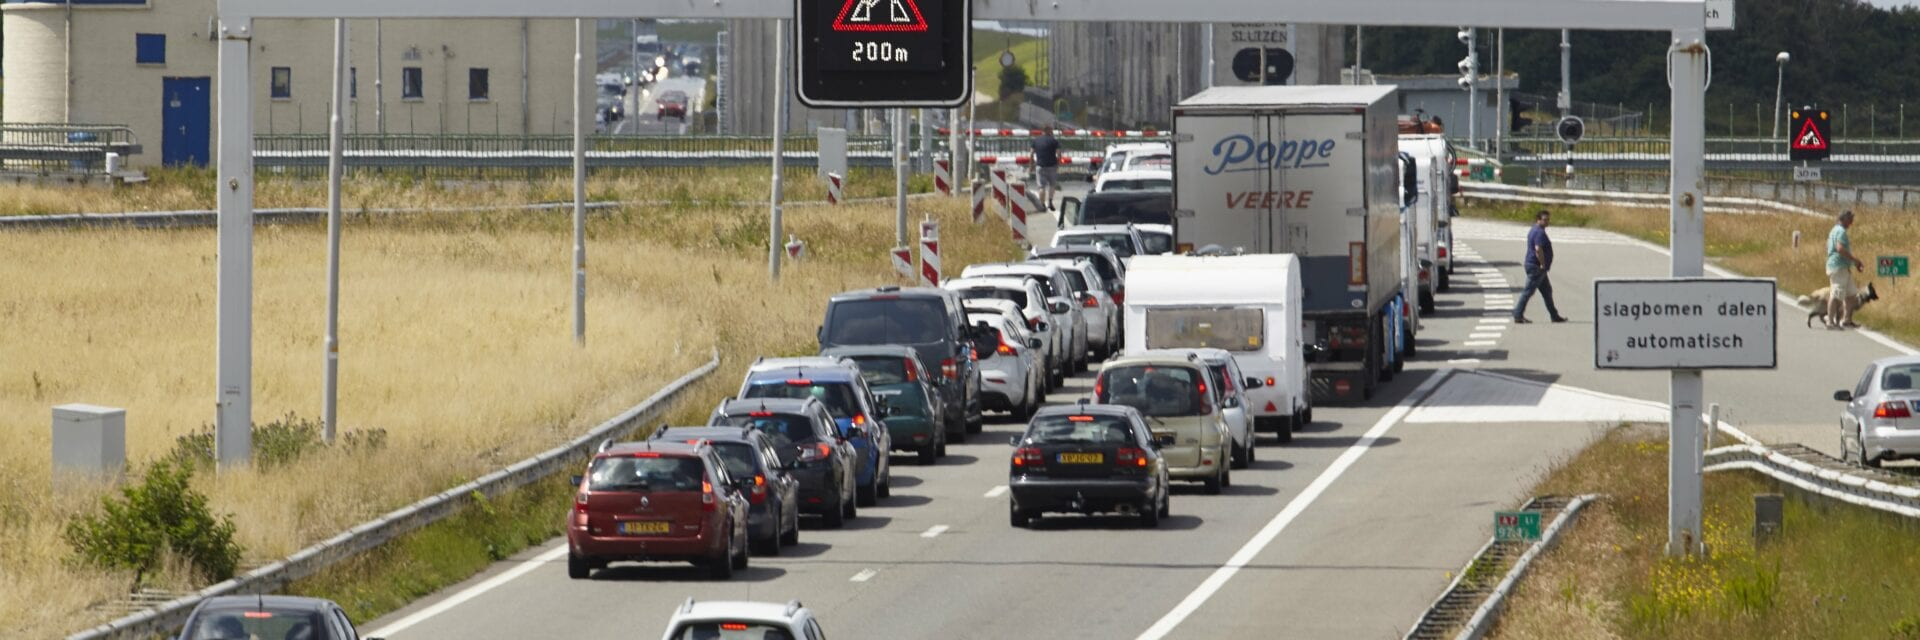 Verkehr auf dem Afsluitdijk durch eine offene Brücke. An den Schleusen steht eine lange Reihe von Autos und Lastwagen.